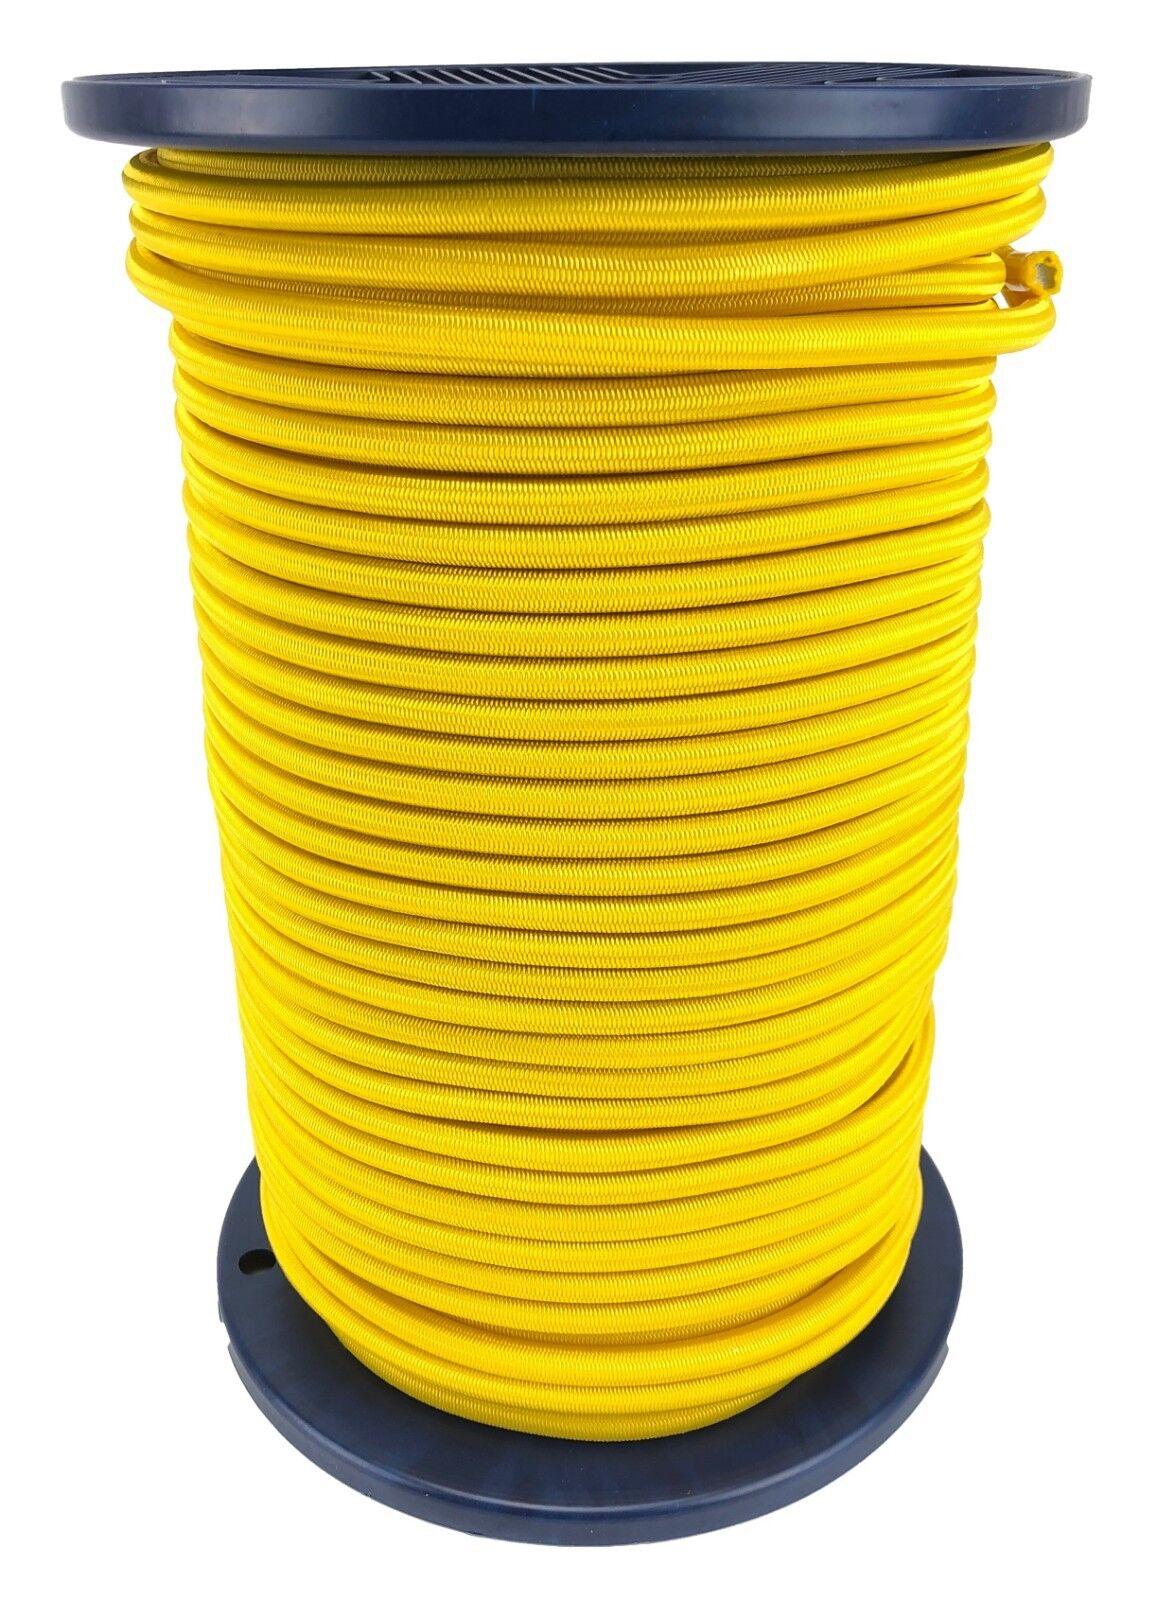 12mm Gelb Elastischer Gummizug Seil Gummiseil Festbinden UV Stabil